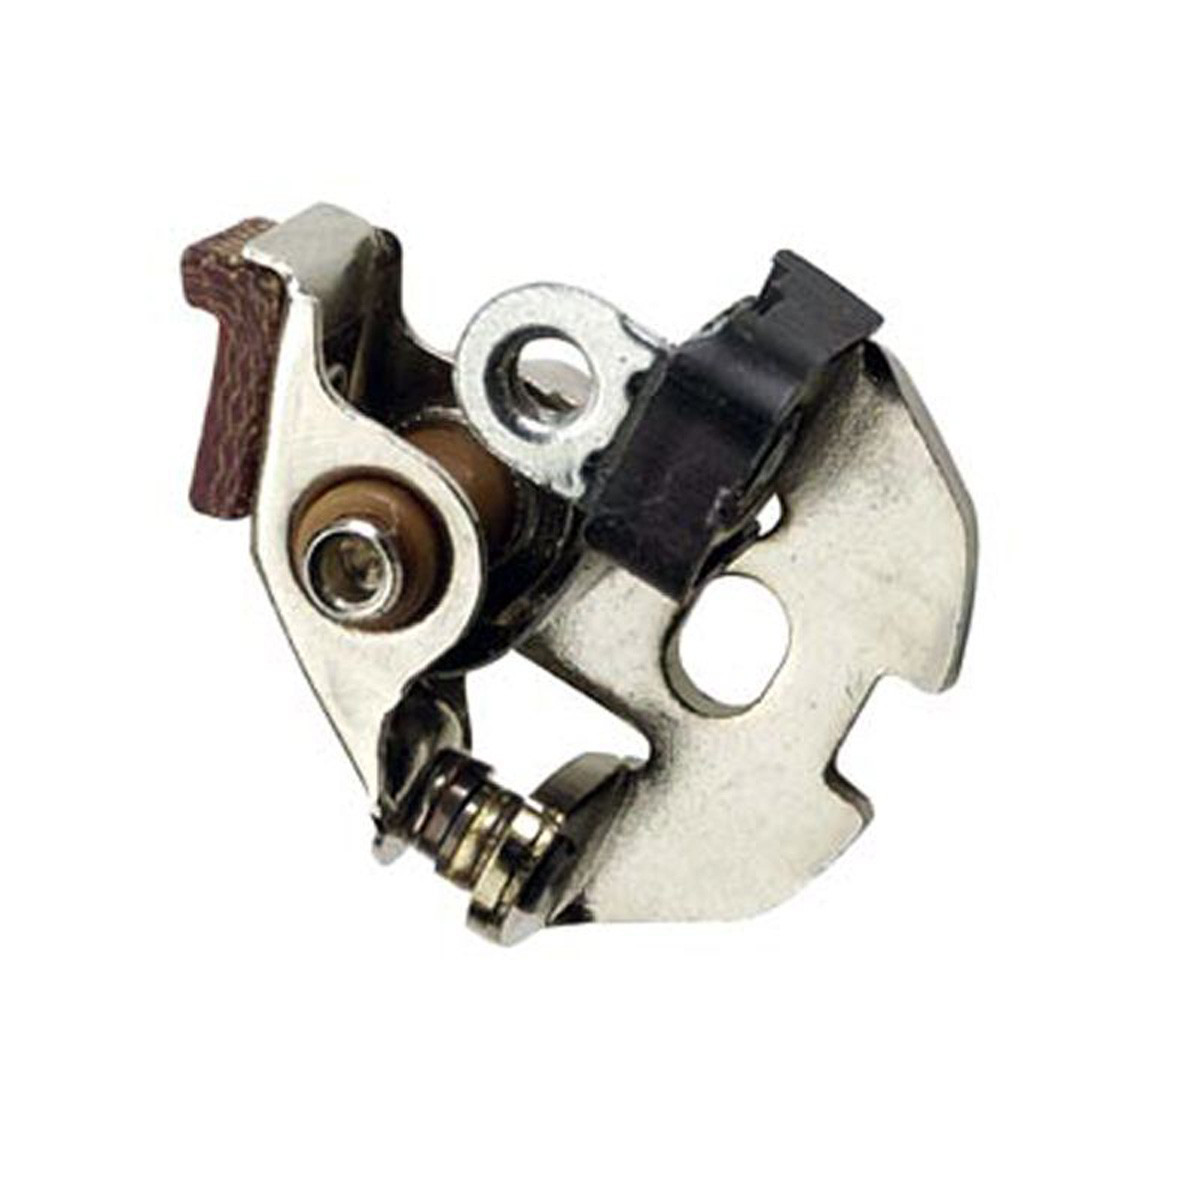 Rupteur Allumage MOTOBECANE, MOTOCONFORT - Inversé